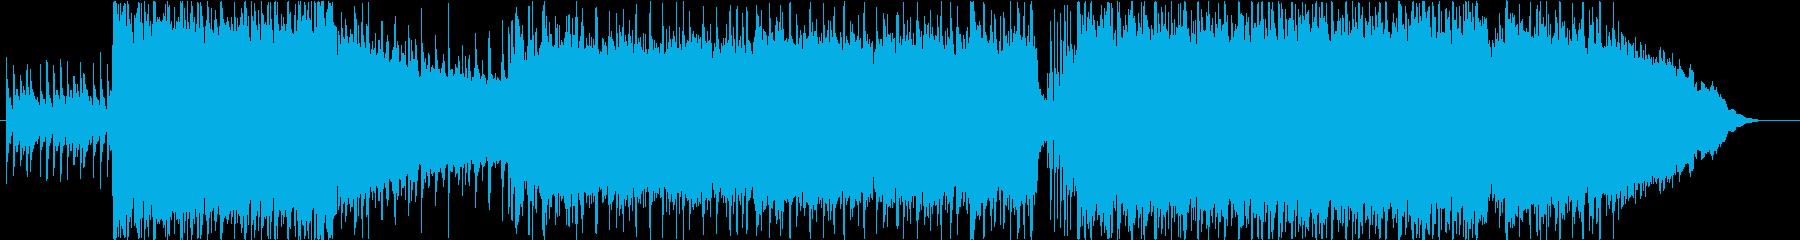 ロックサウンドのBGMです。の再生済みの波形